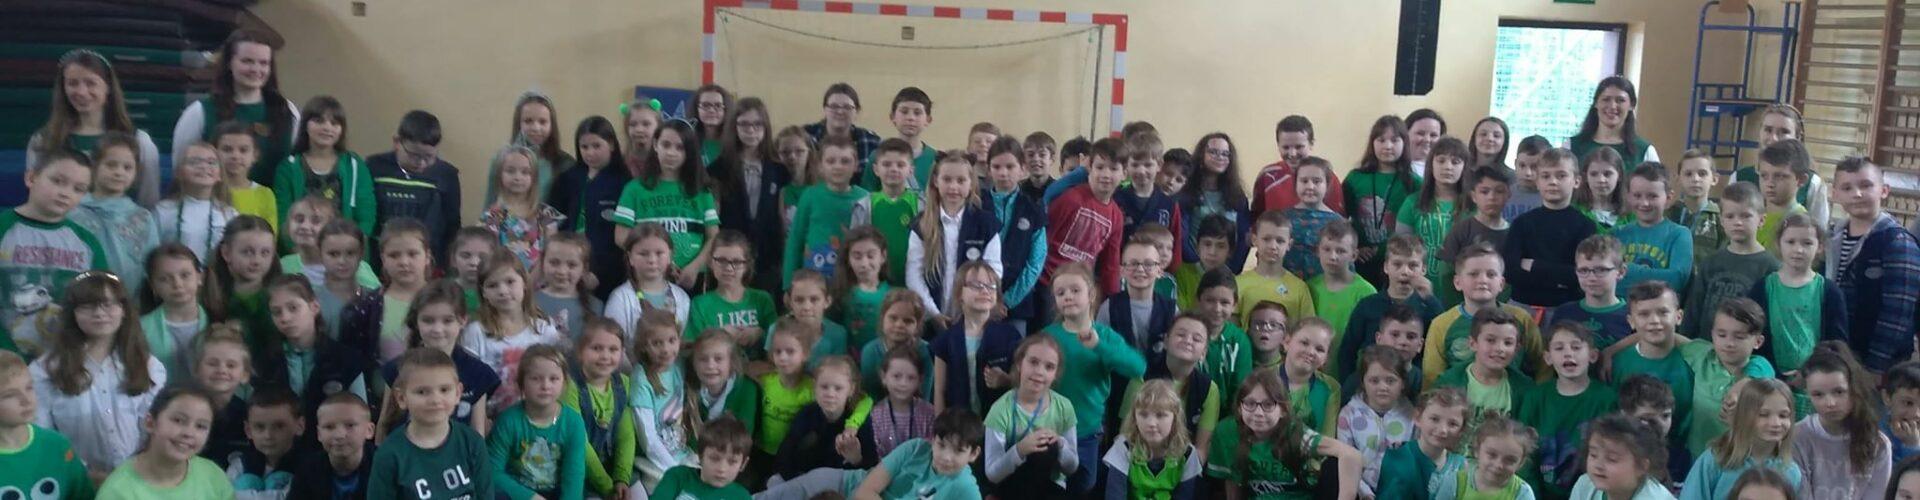 Szkoła Podstawowa Nr 1 im. K. K. Baczyńskiego w Dobczycach